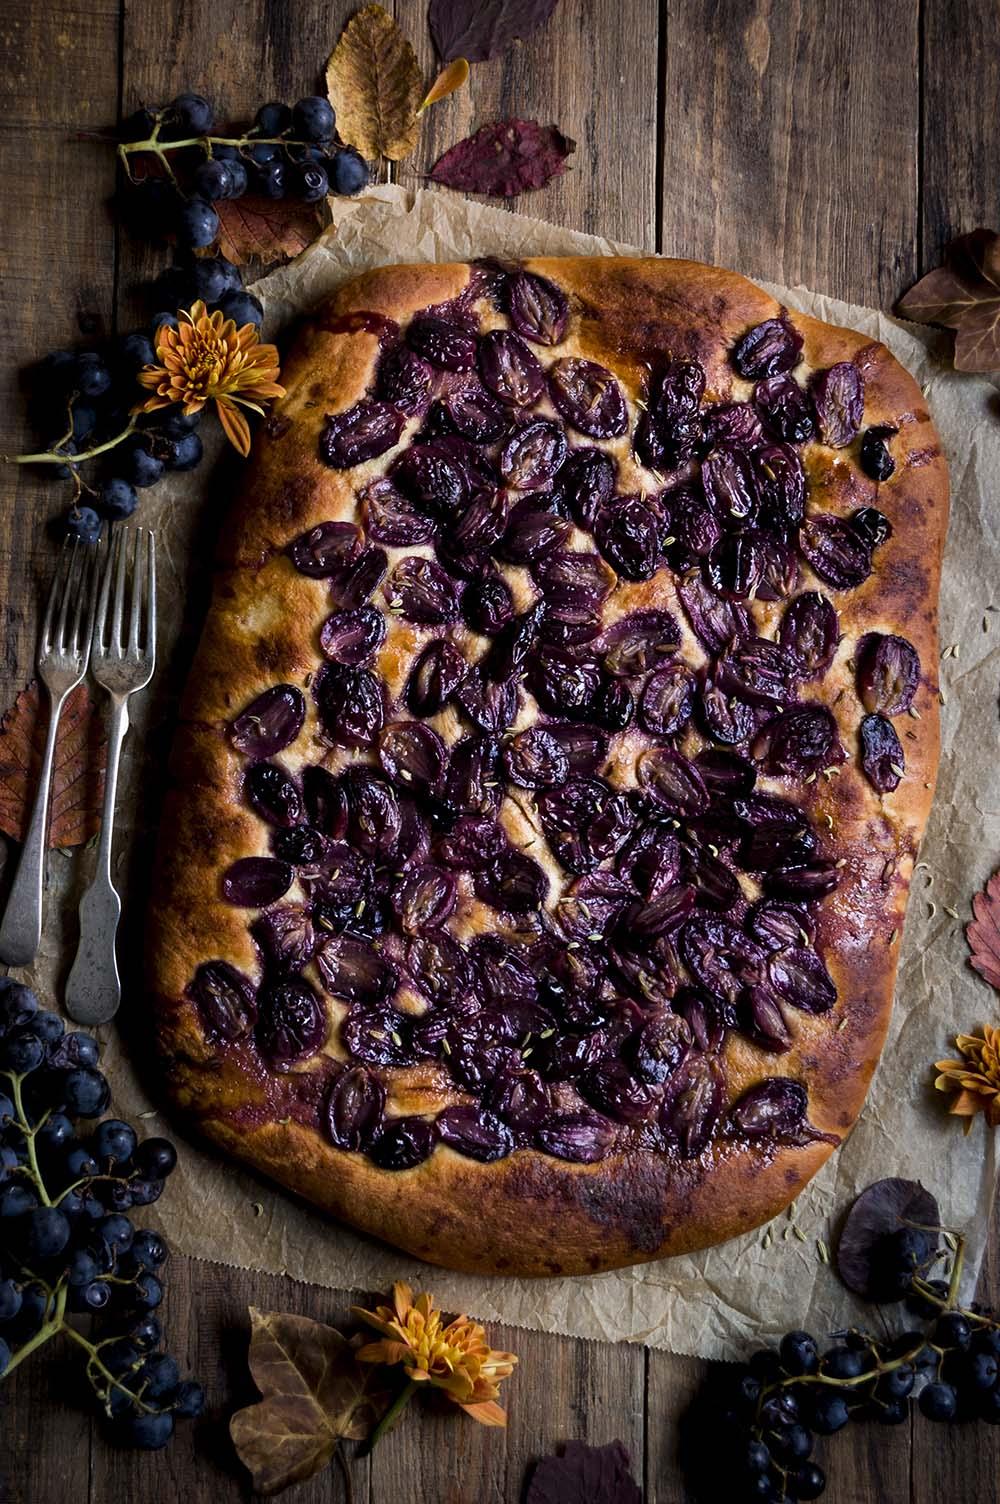 fotografia schiacciata con uvas